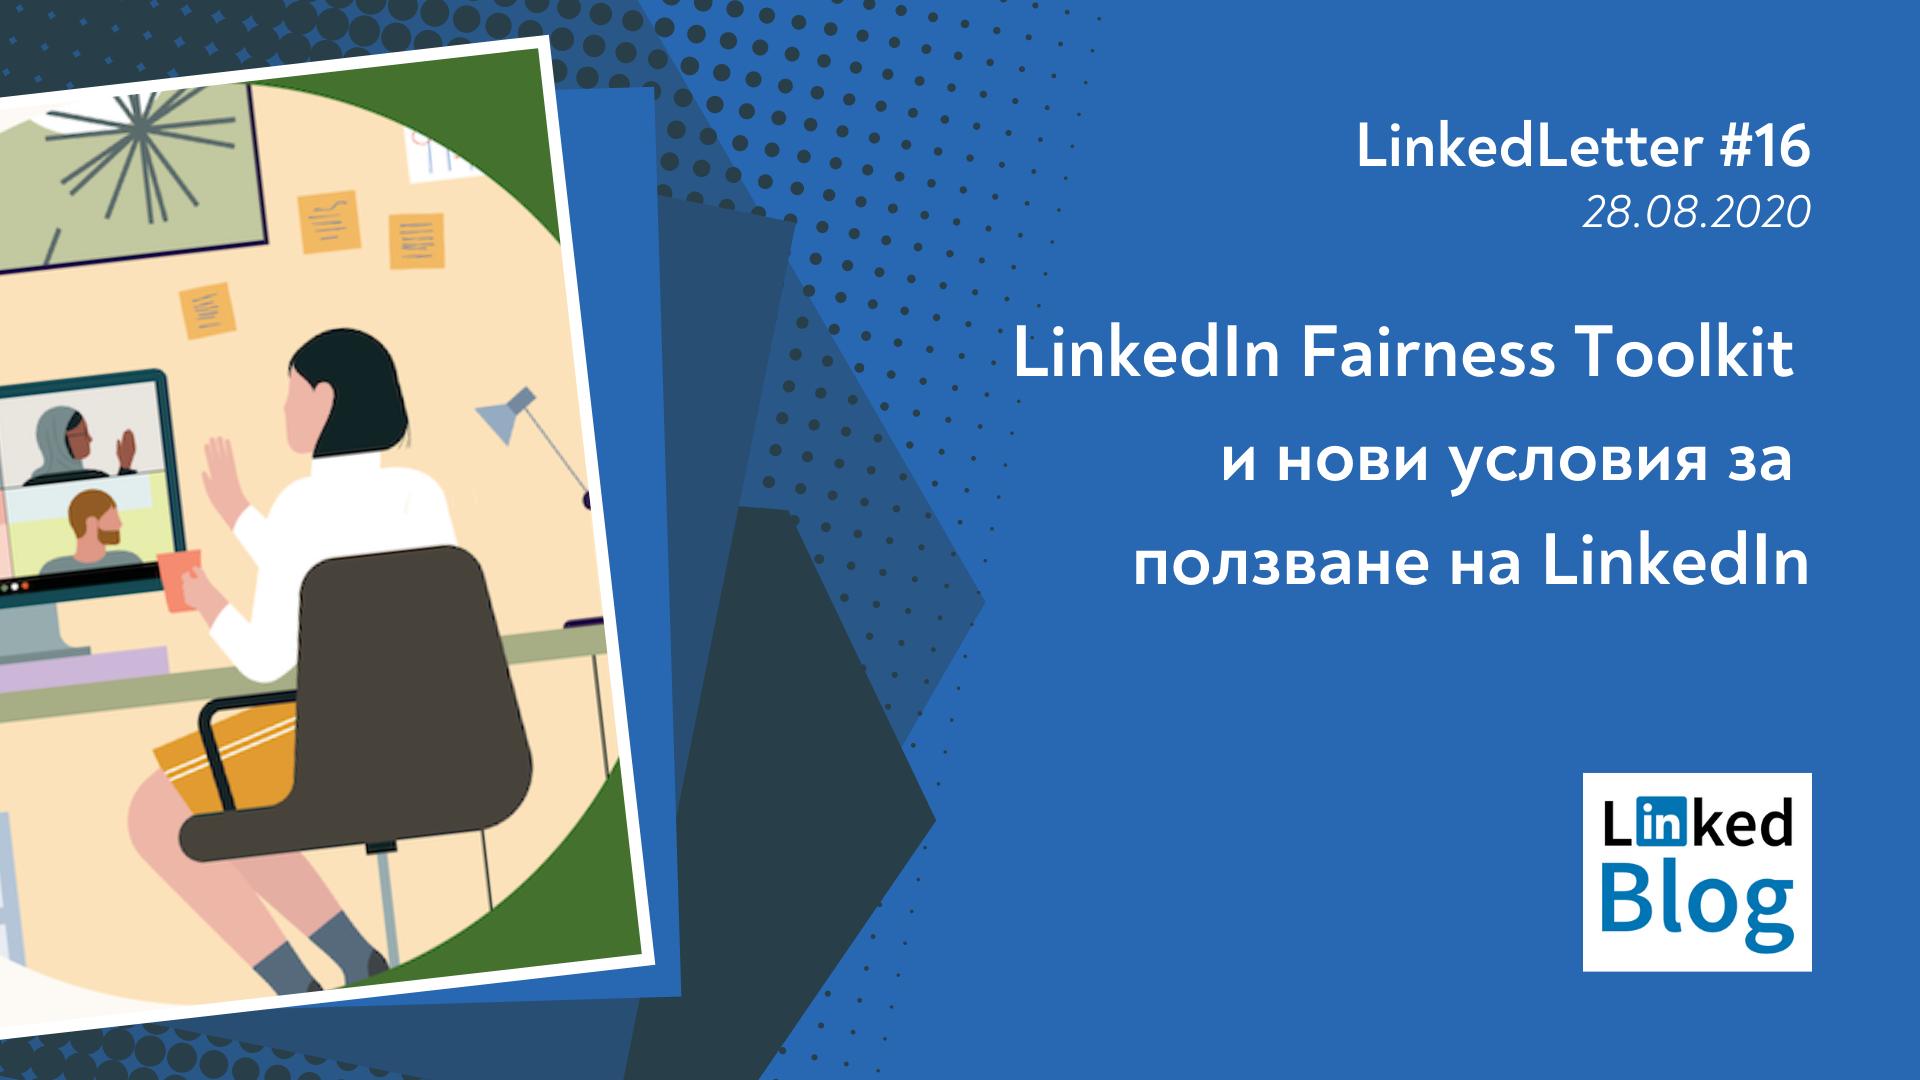 LinkedLetter 16 Cover Image